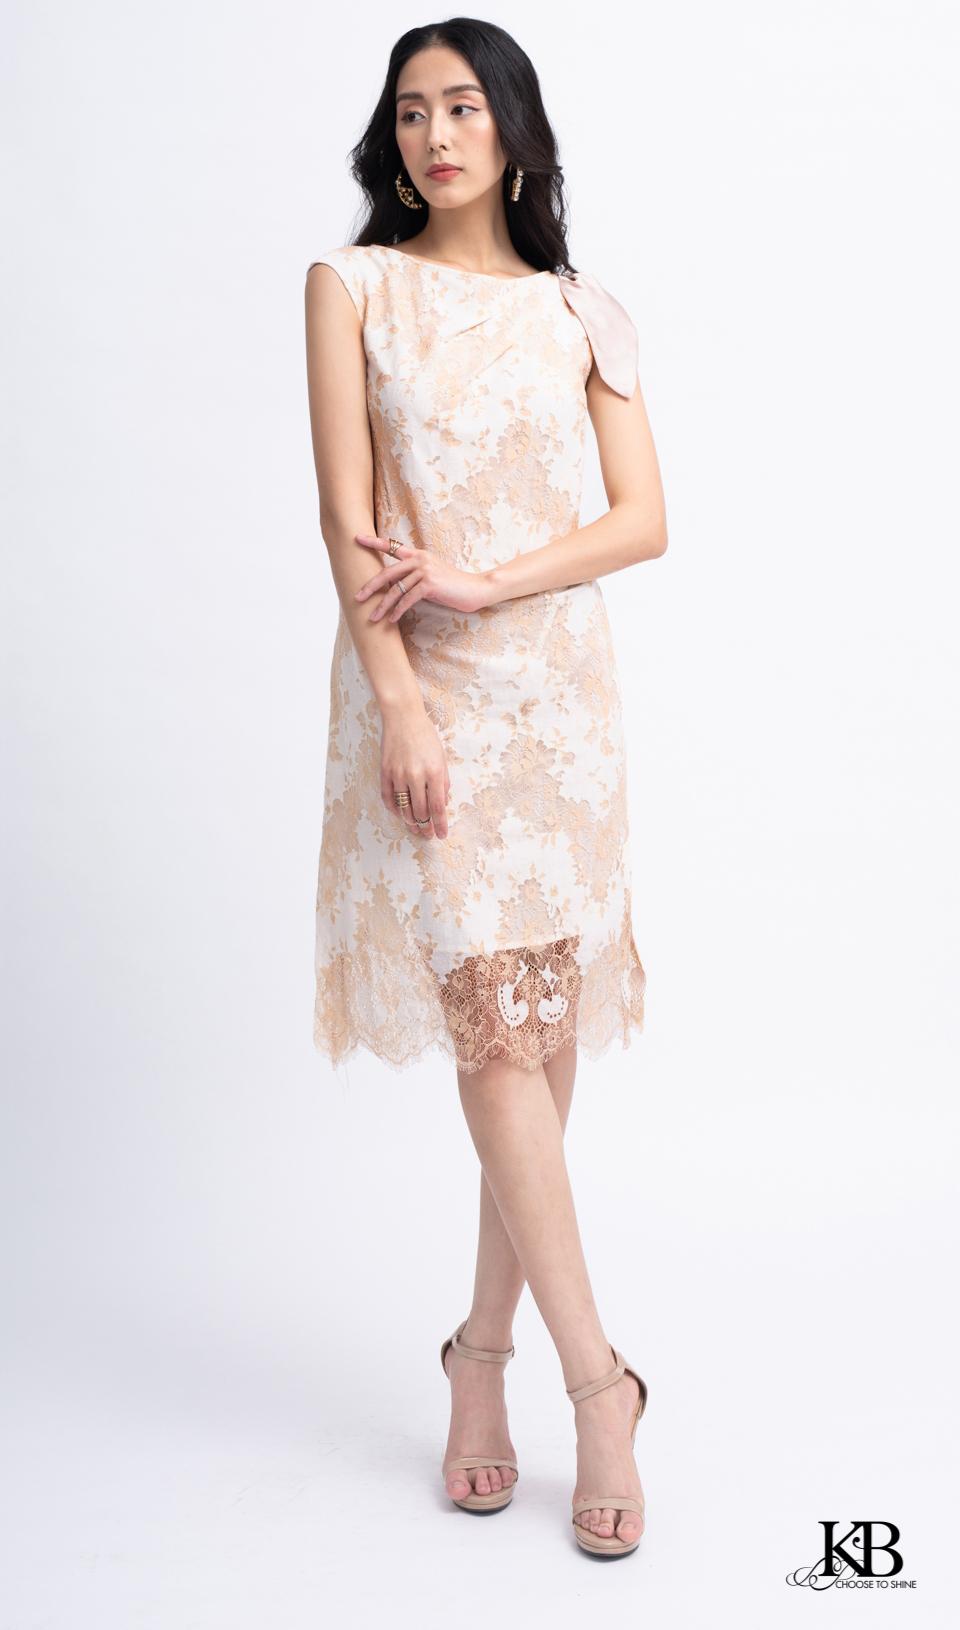 Đầm vai rúm nơ xẻ gấu